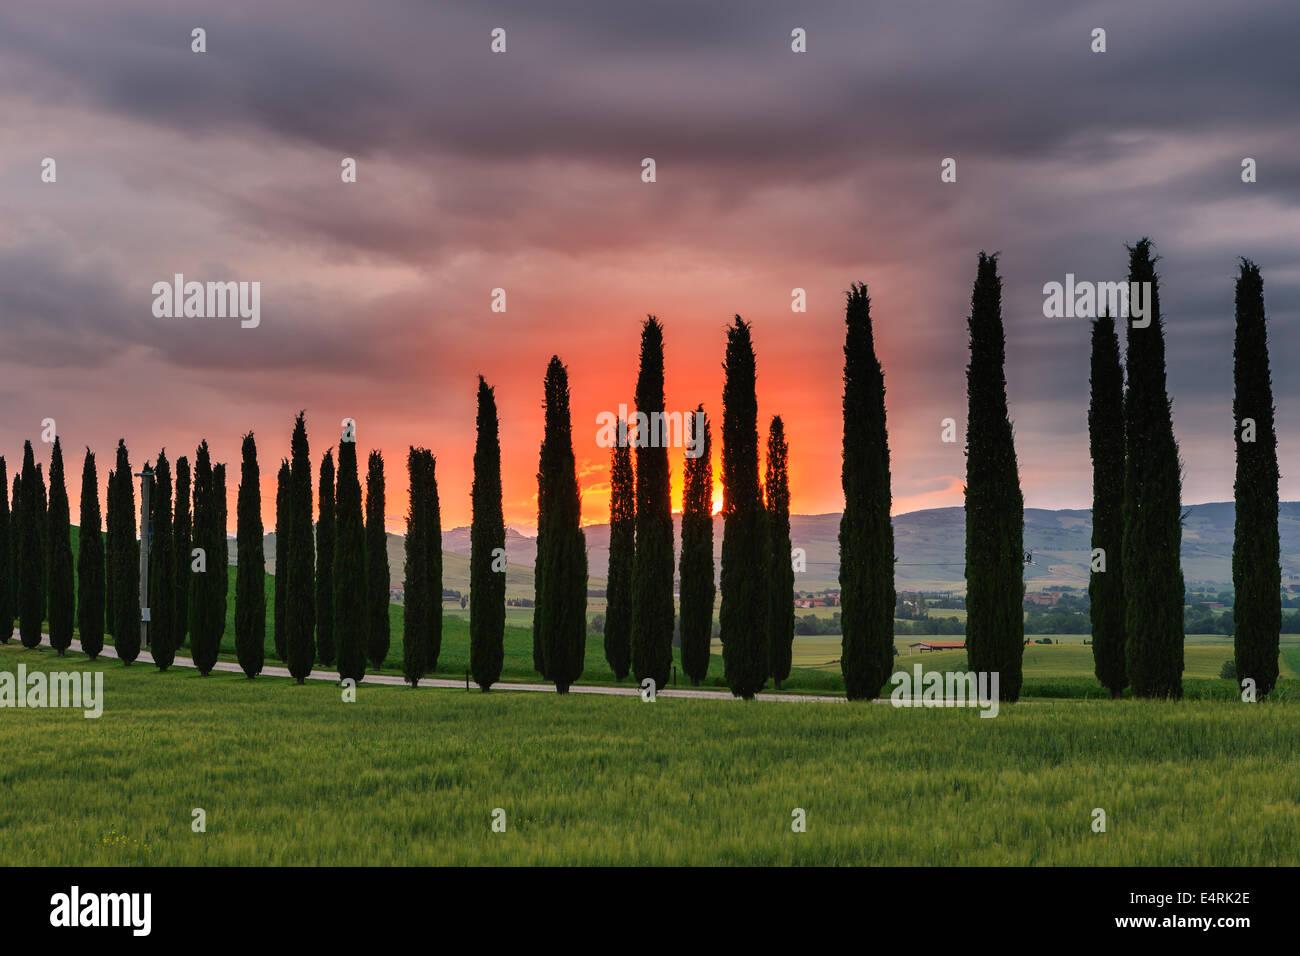 Cyprès au lever du soleil, le Poggio Covili, Toscane, Italie. Banque D'Images